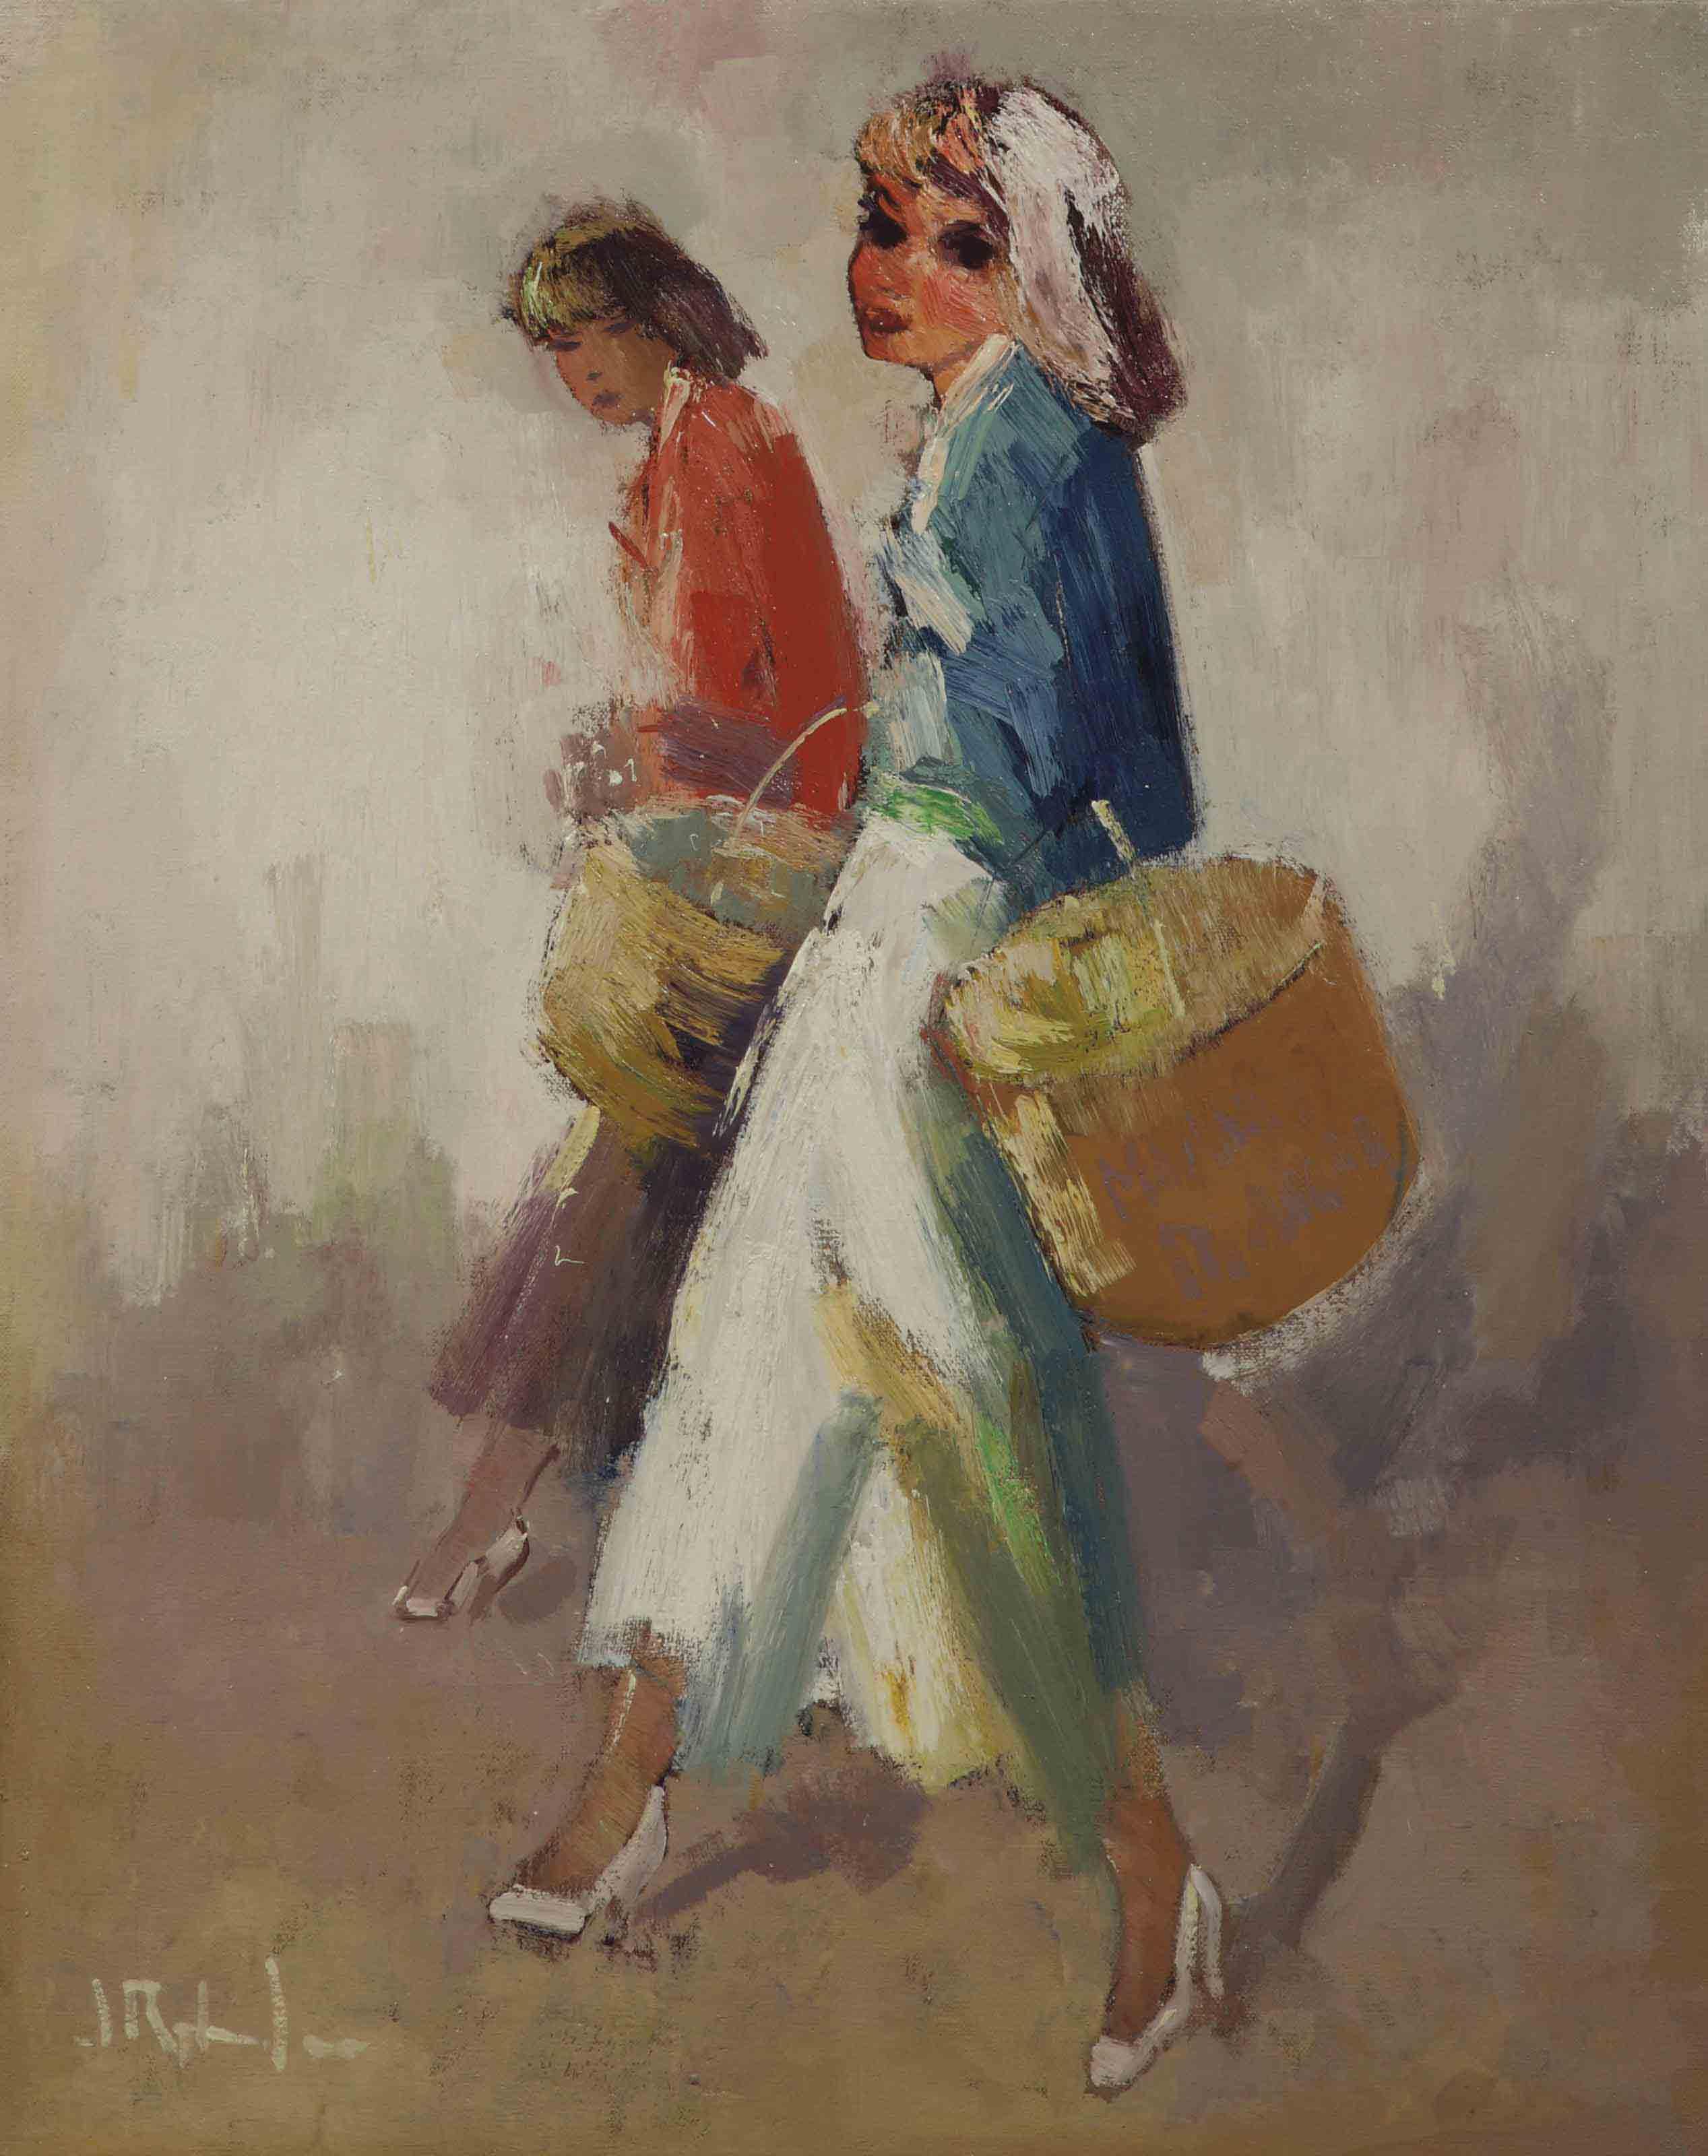 Elegant ladies with baskets